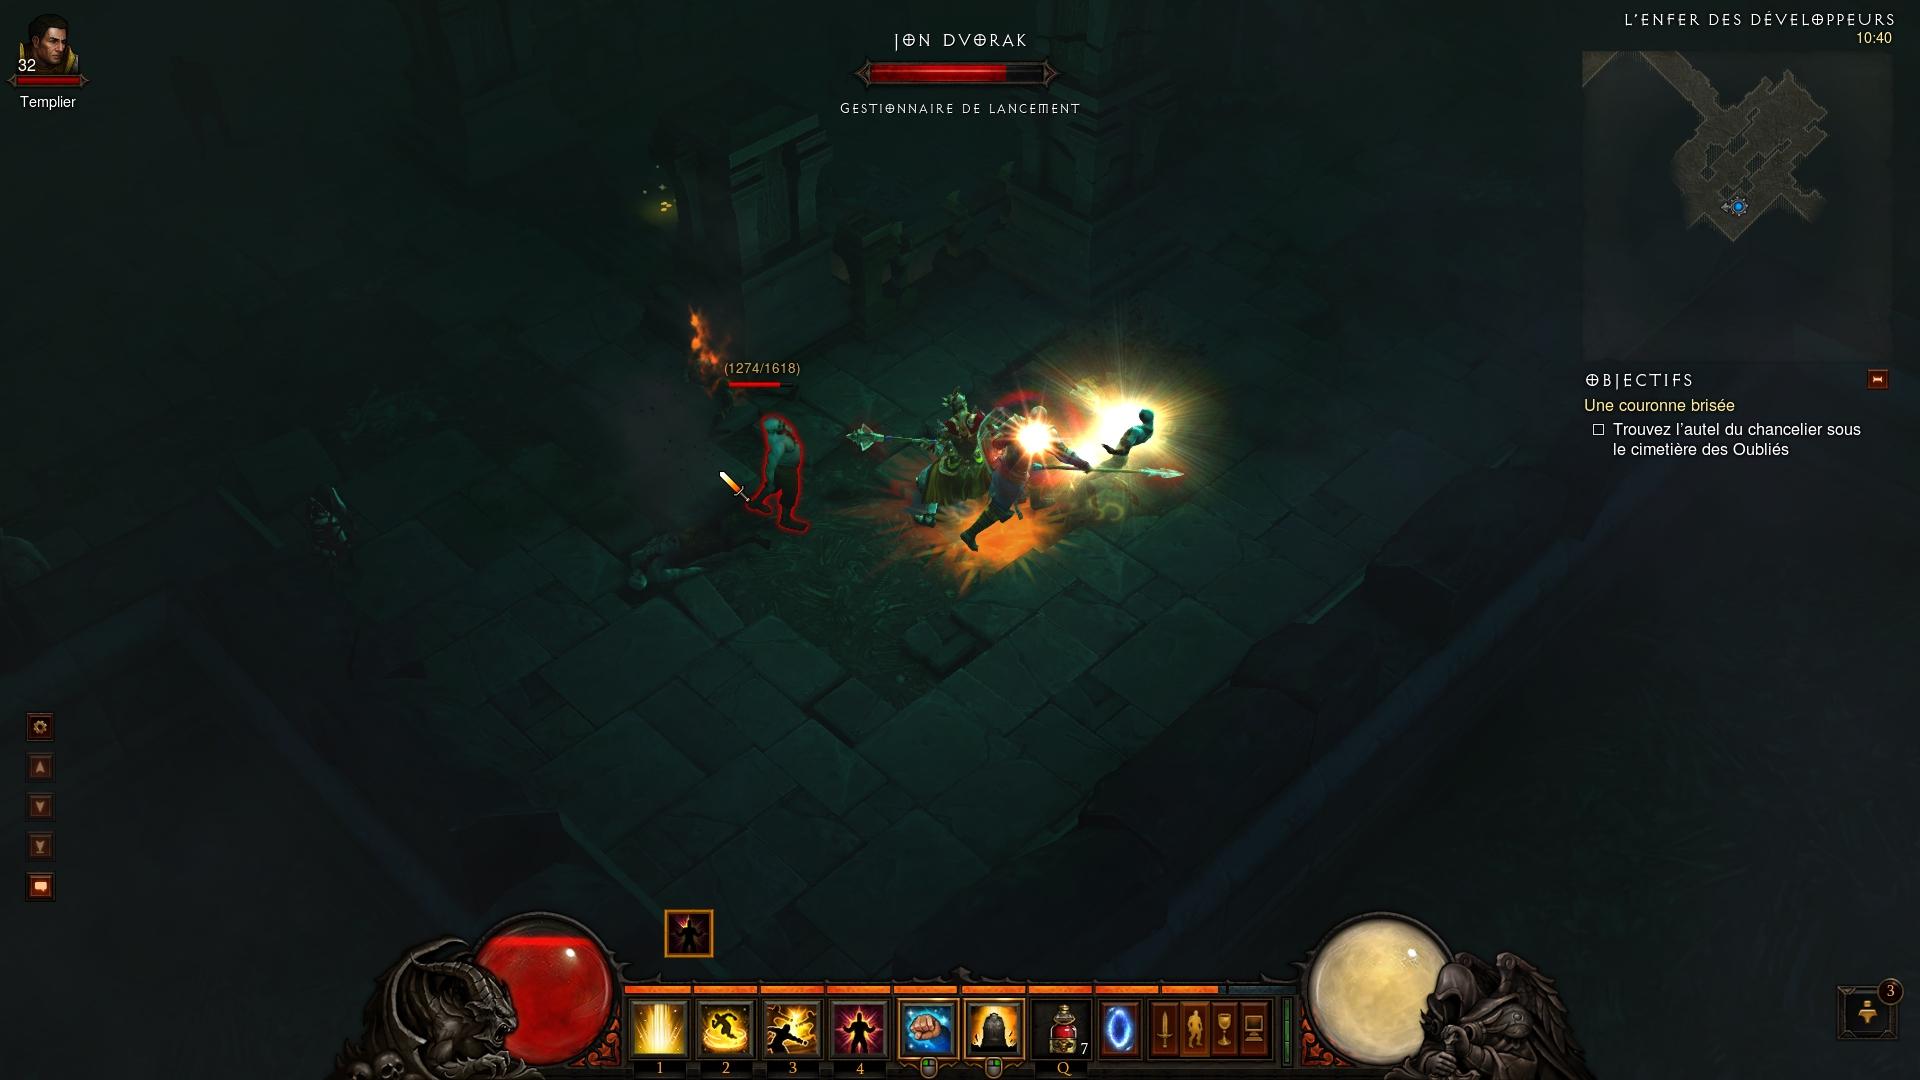 Clin d'oeil à un des développeurs de Diablo III. Image de Cymano.